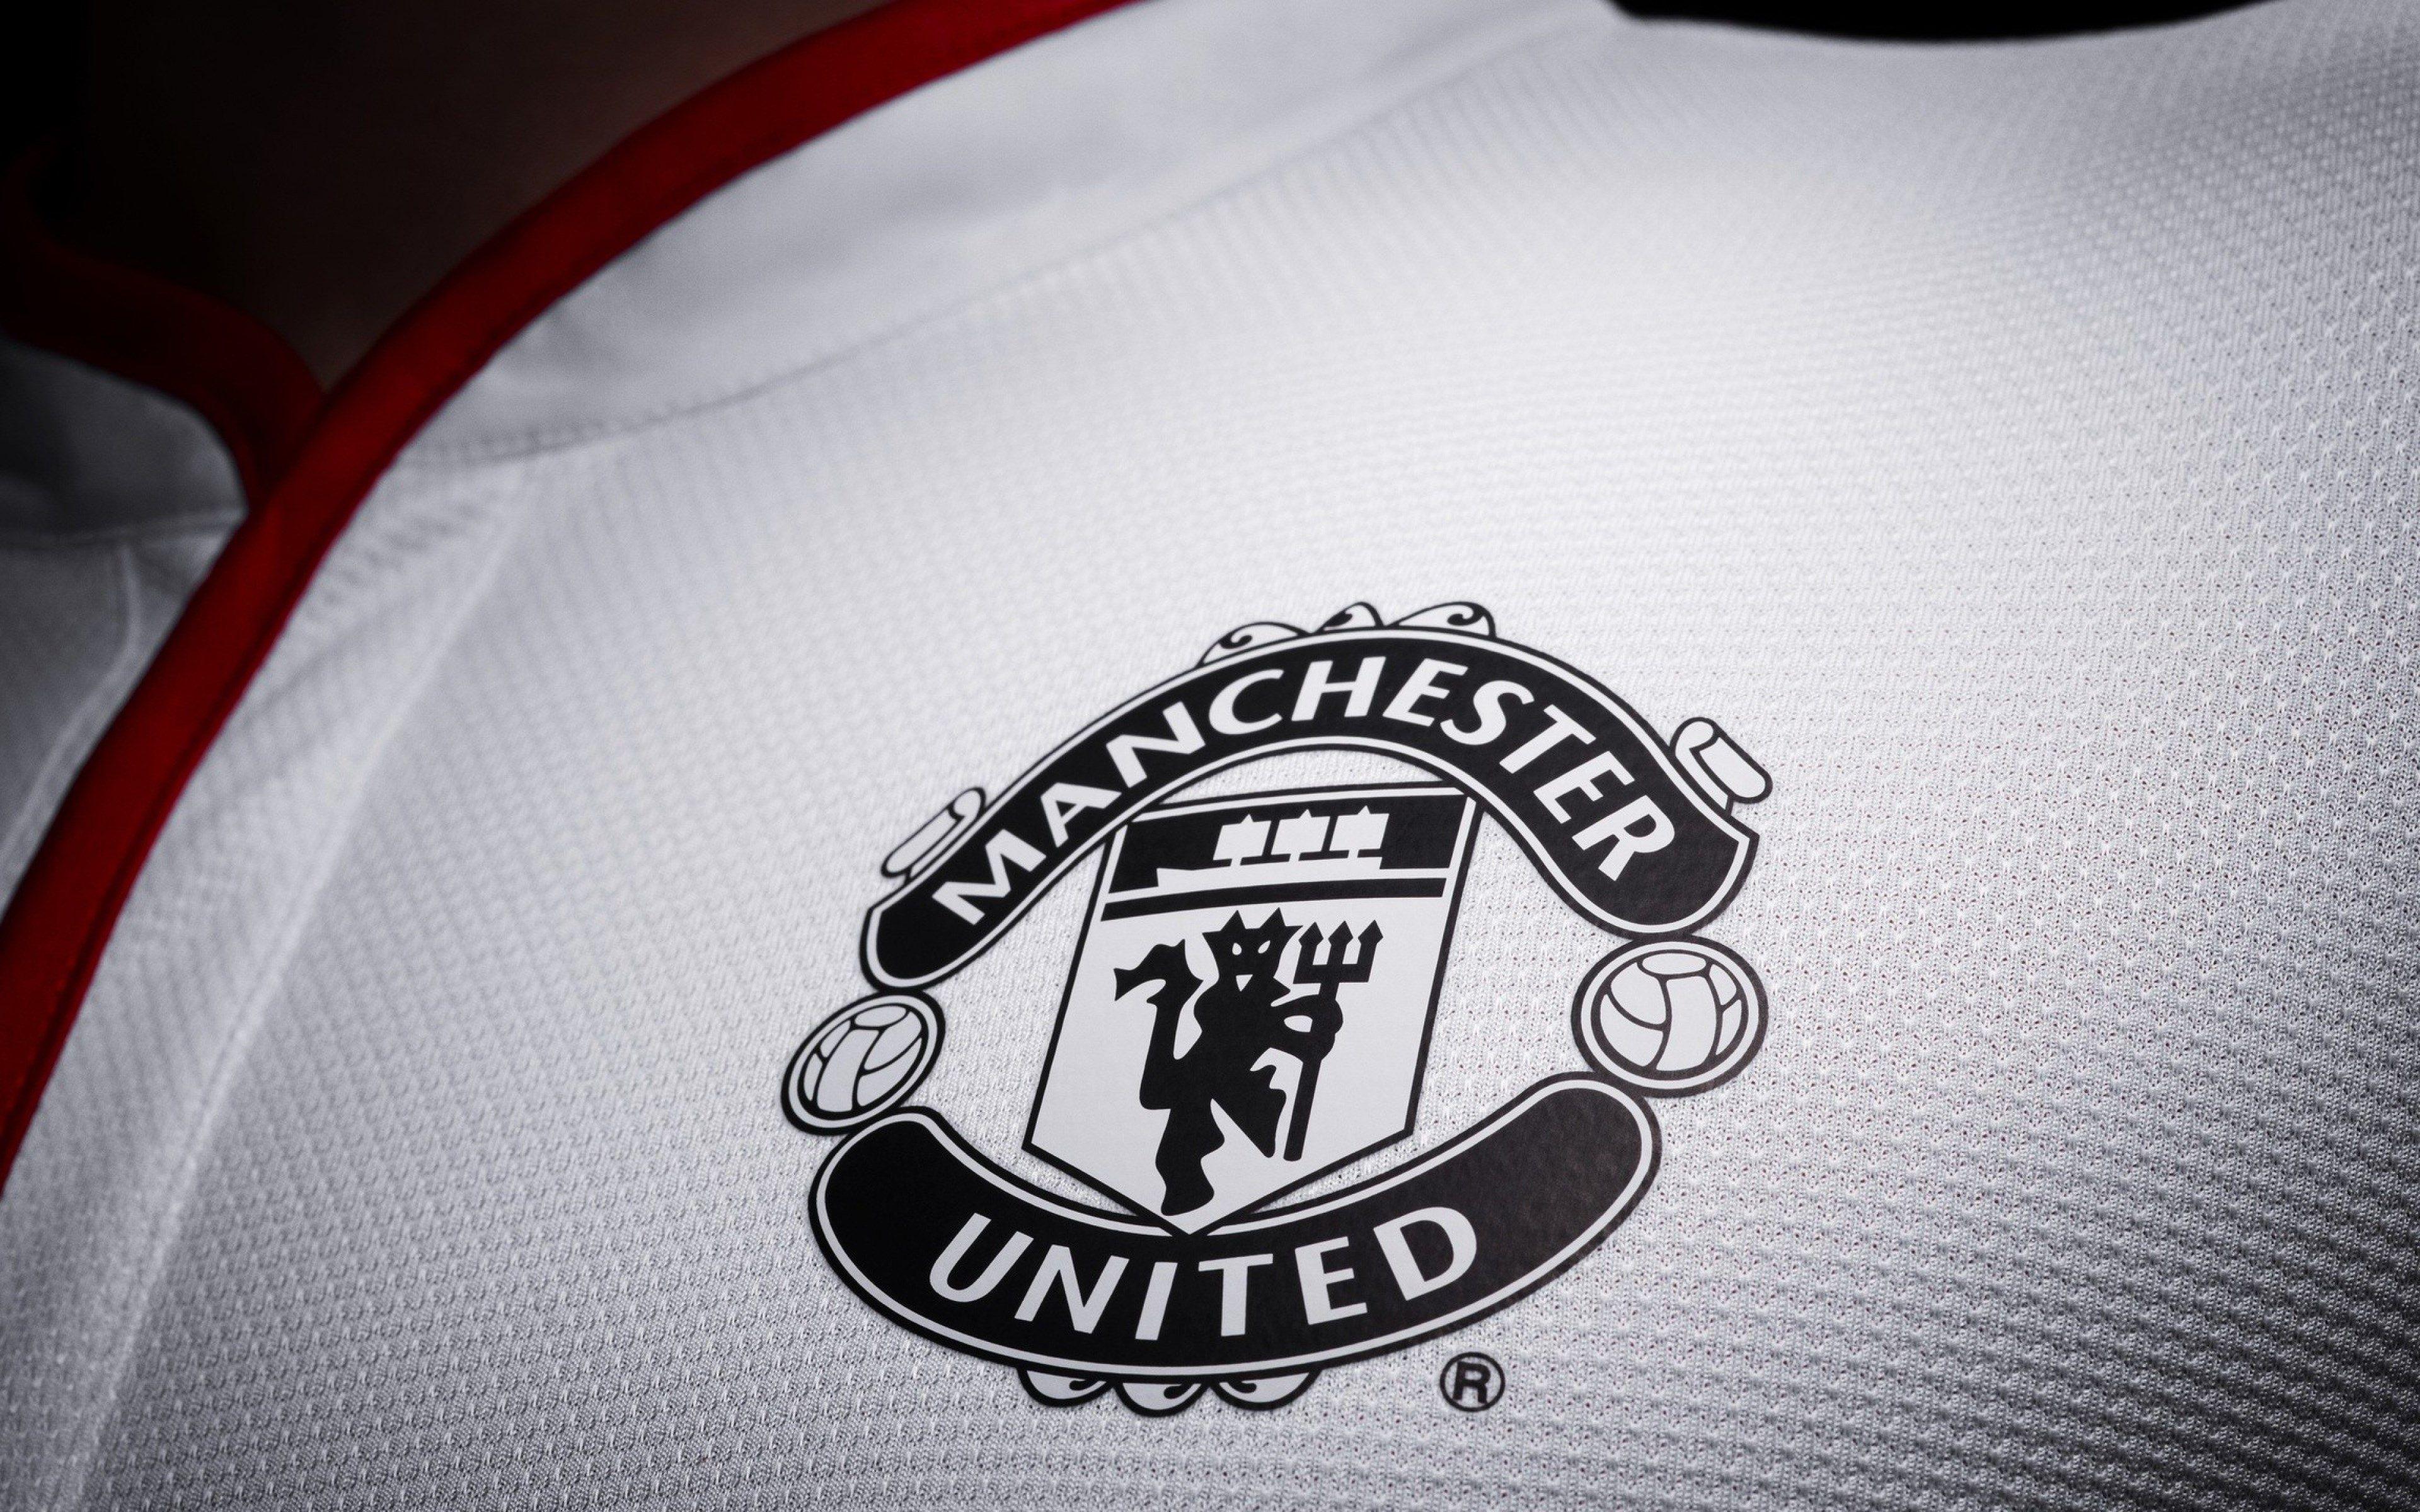 3840x2400 Manchester United 4k Best Wallpaper For Desktop Background Manchester United Wallpaper Manchester United Logo Manchester United